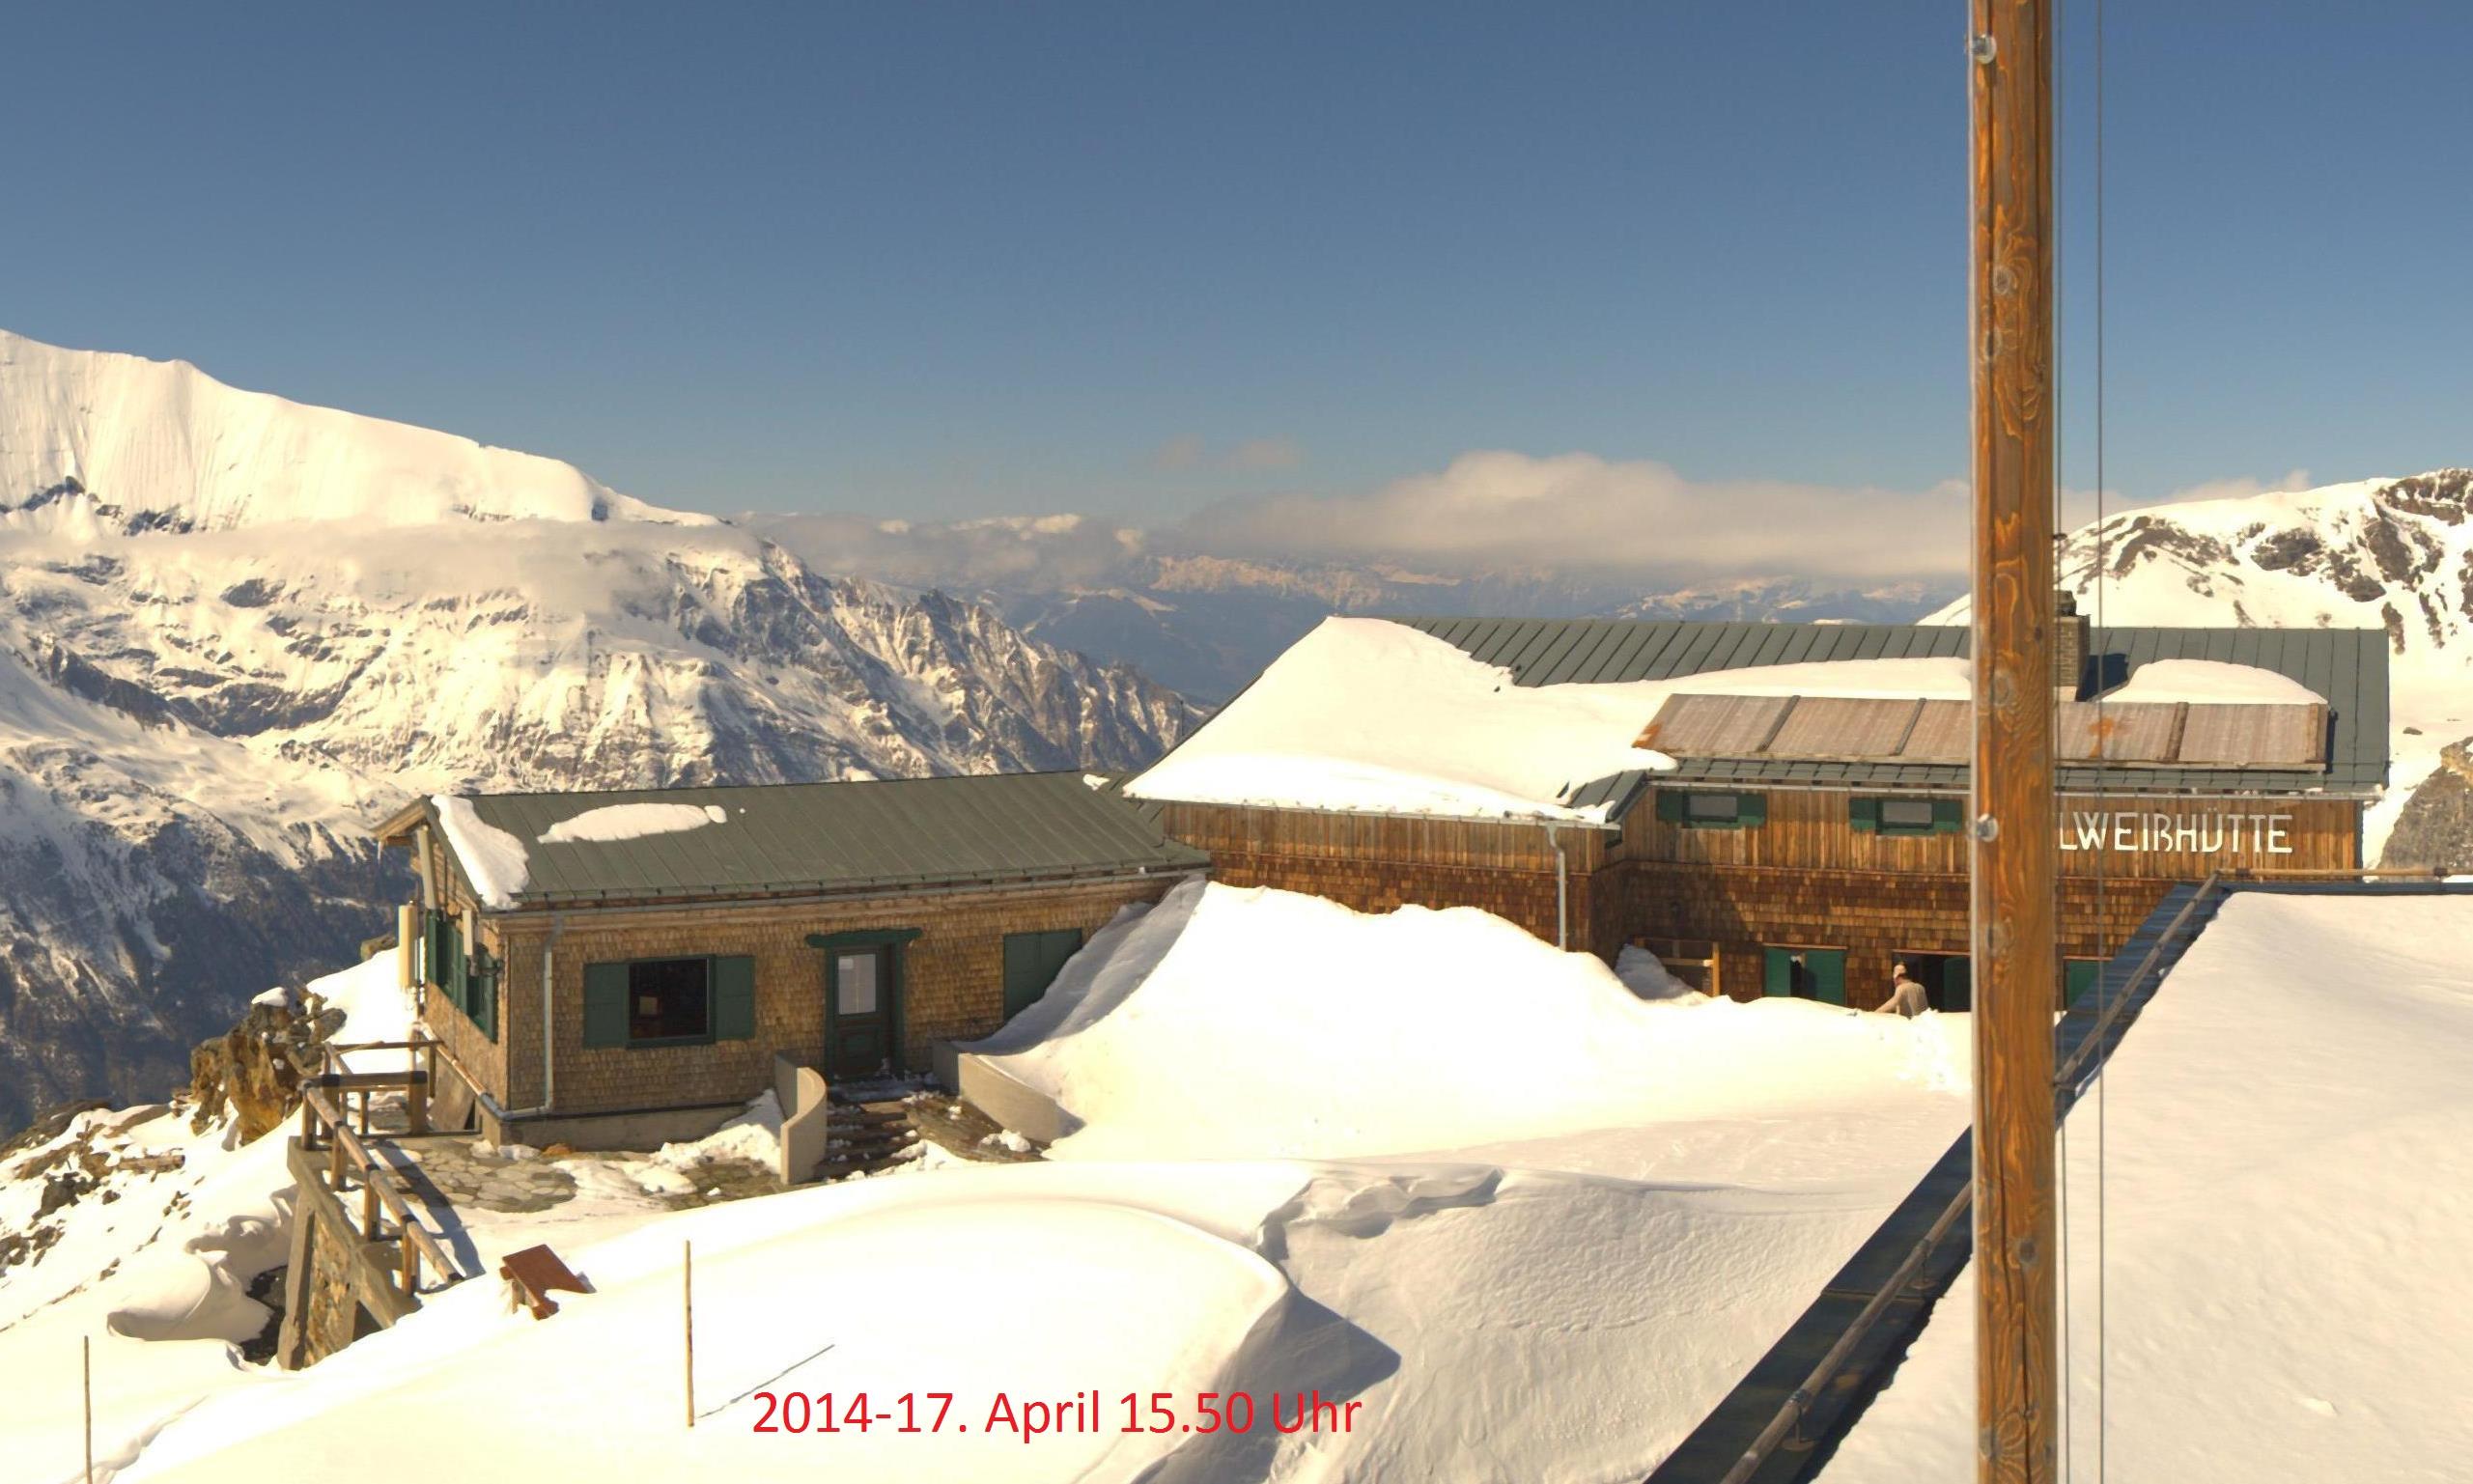 Klicke auf die Grafik für eine größere Ansicht  Name:2014-4-17-Edelweißhütte-15.50 Uhr.jpg Hits:205 Größe:580,3 KB ID:126308